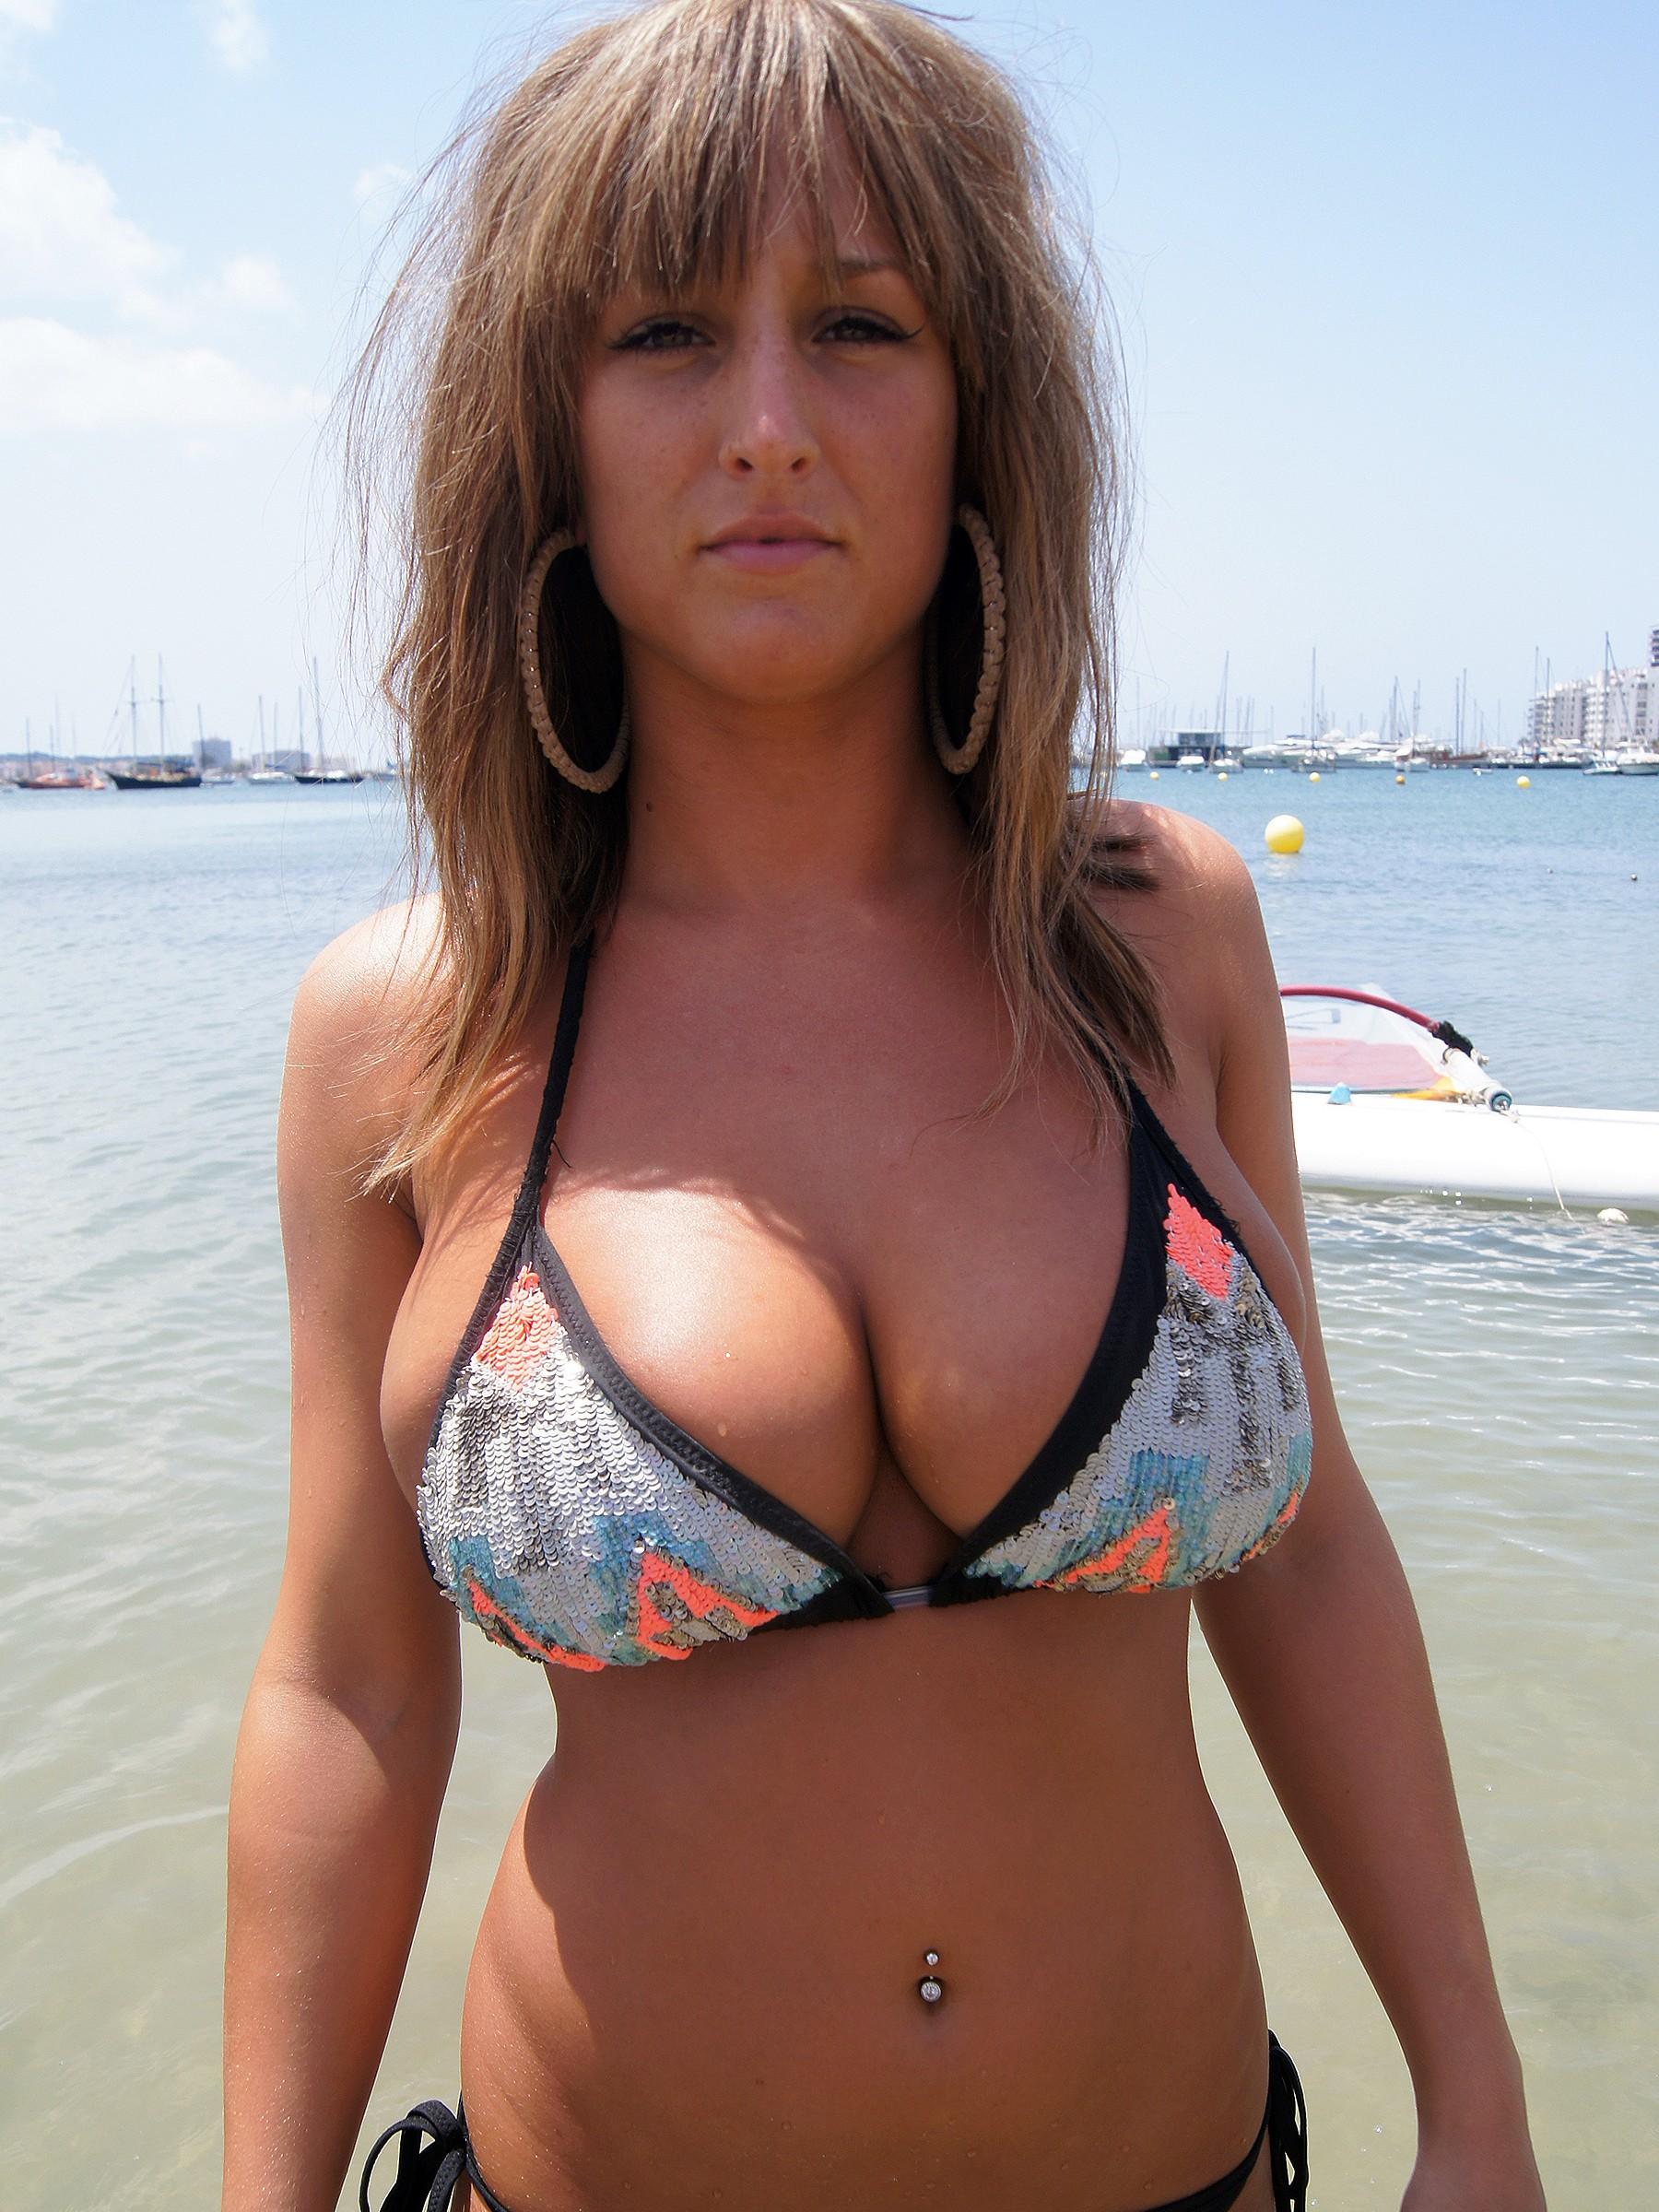 Nadia bjorlin having sex